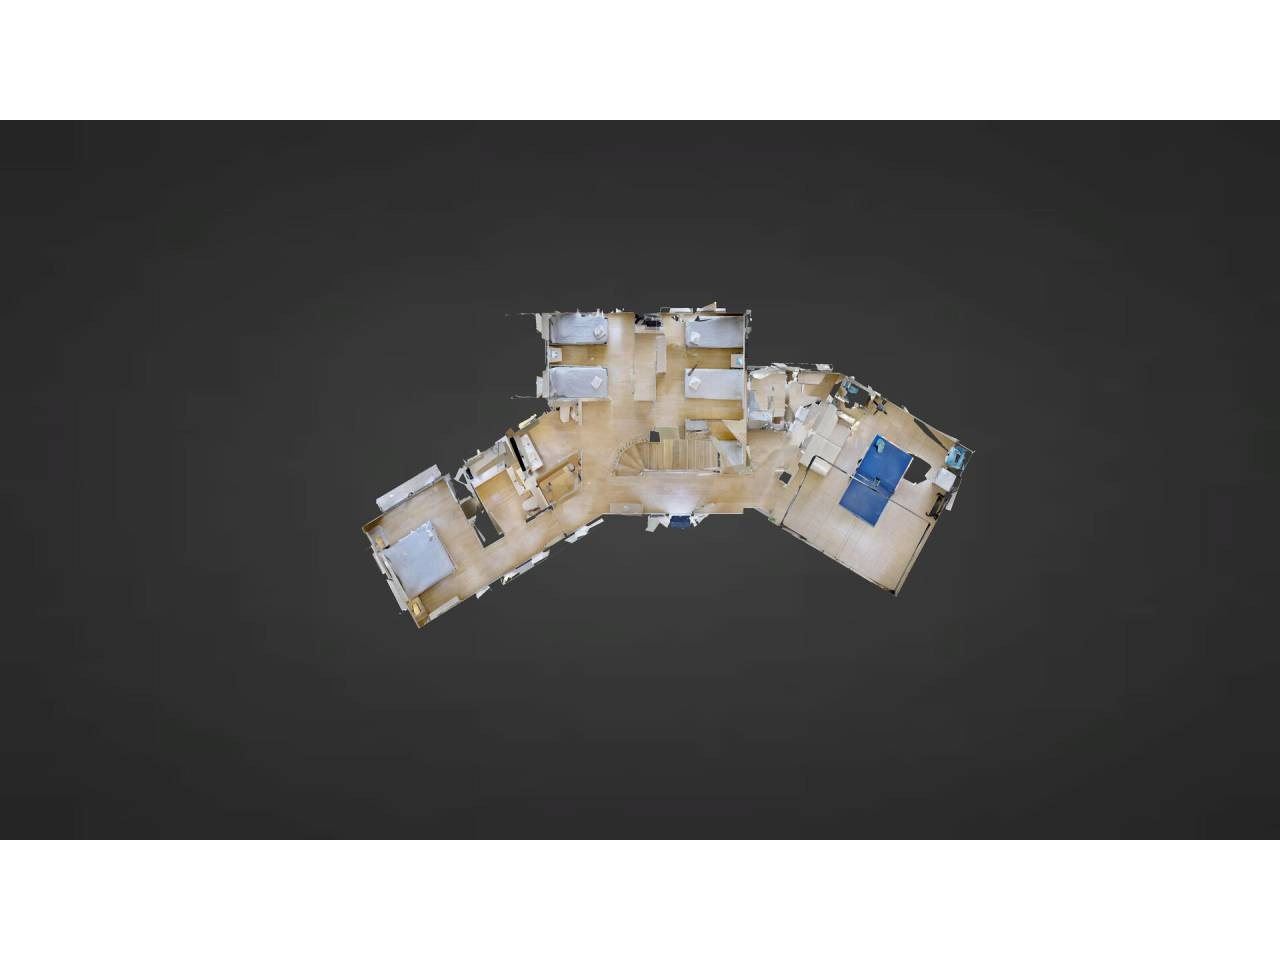 House with private swimming pool at Rio de Oro urbanization. - 152